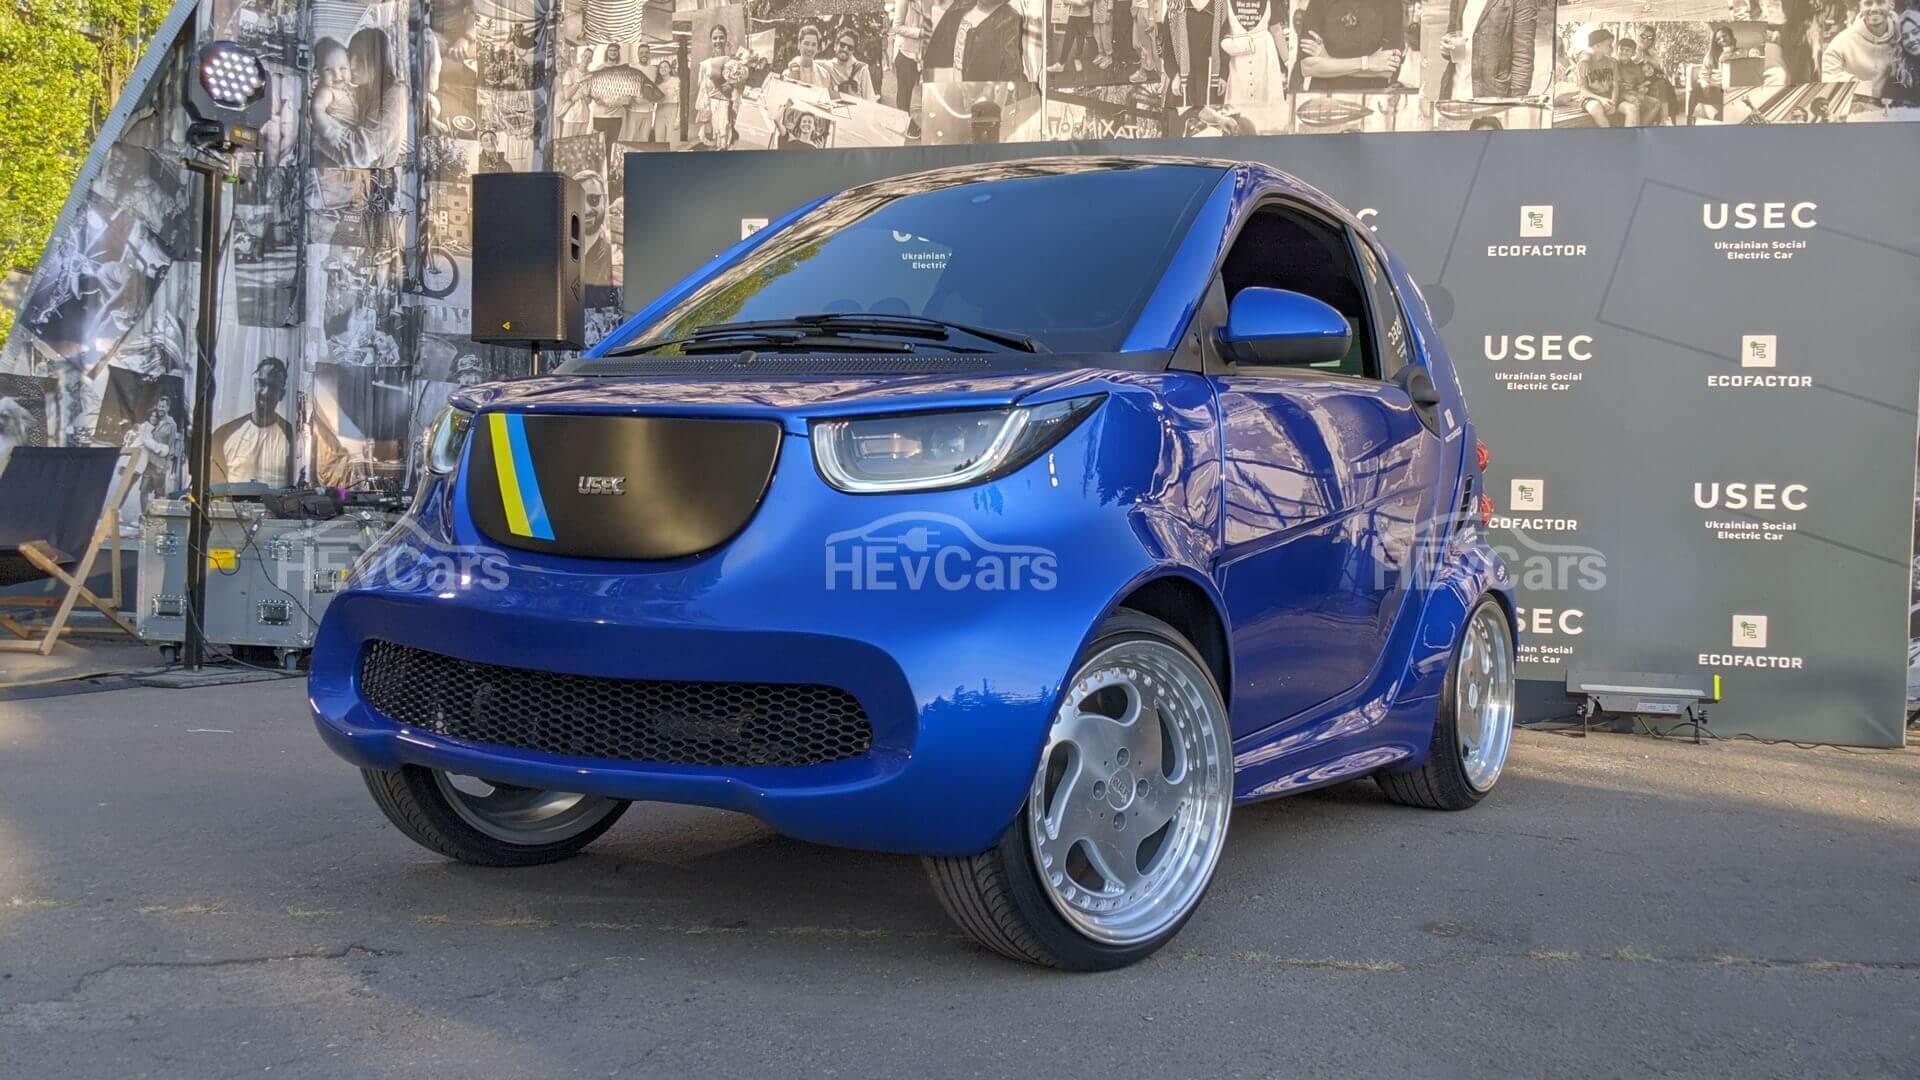 Прототип электрического автомобиля для людей синвалидностью, разработанный вУкраине